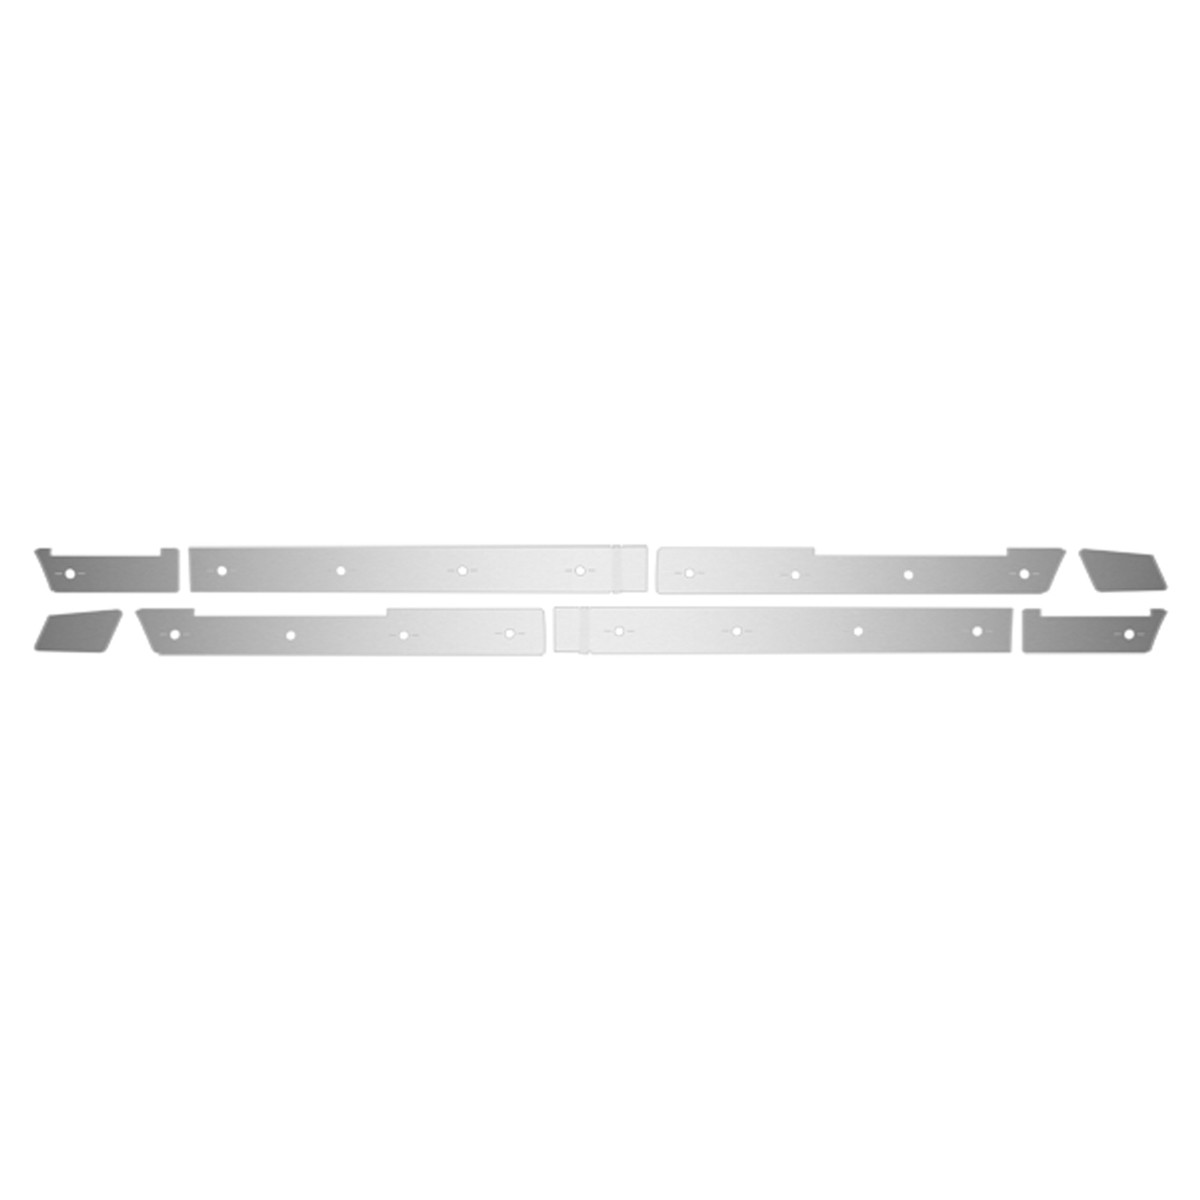 Volvo Center Fairing Trim Kit 2012 16 Slotted Holes